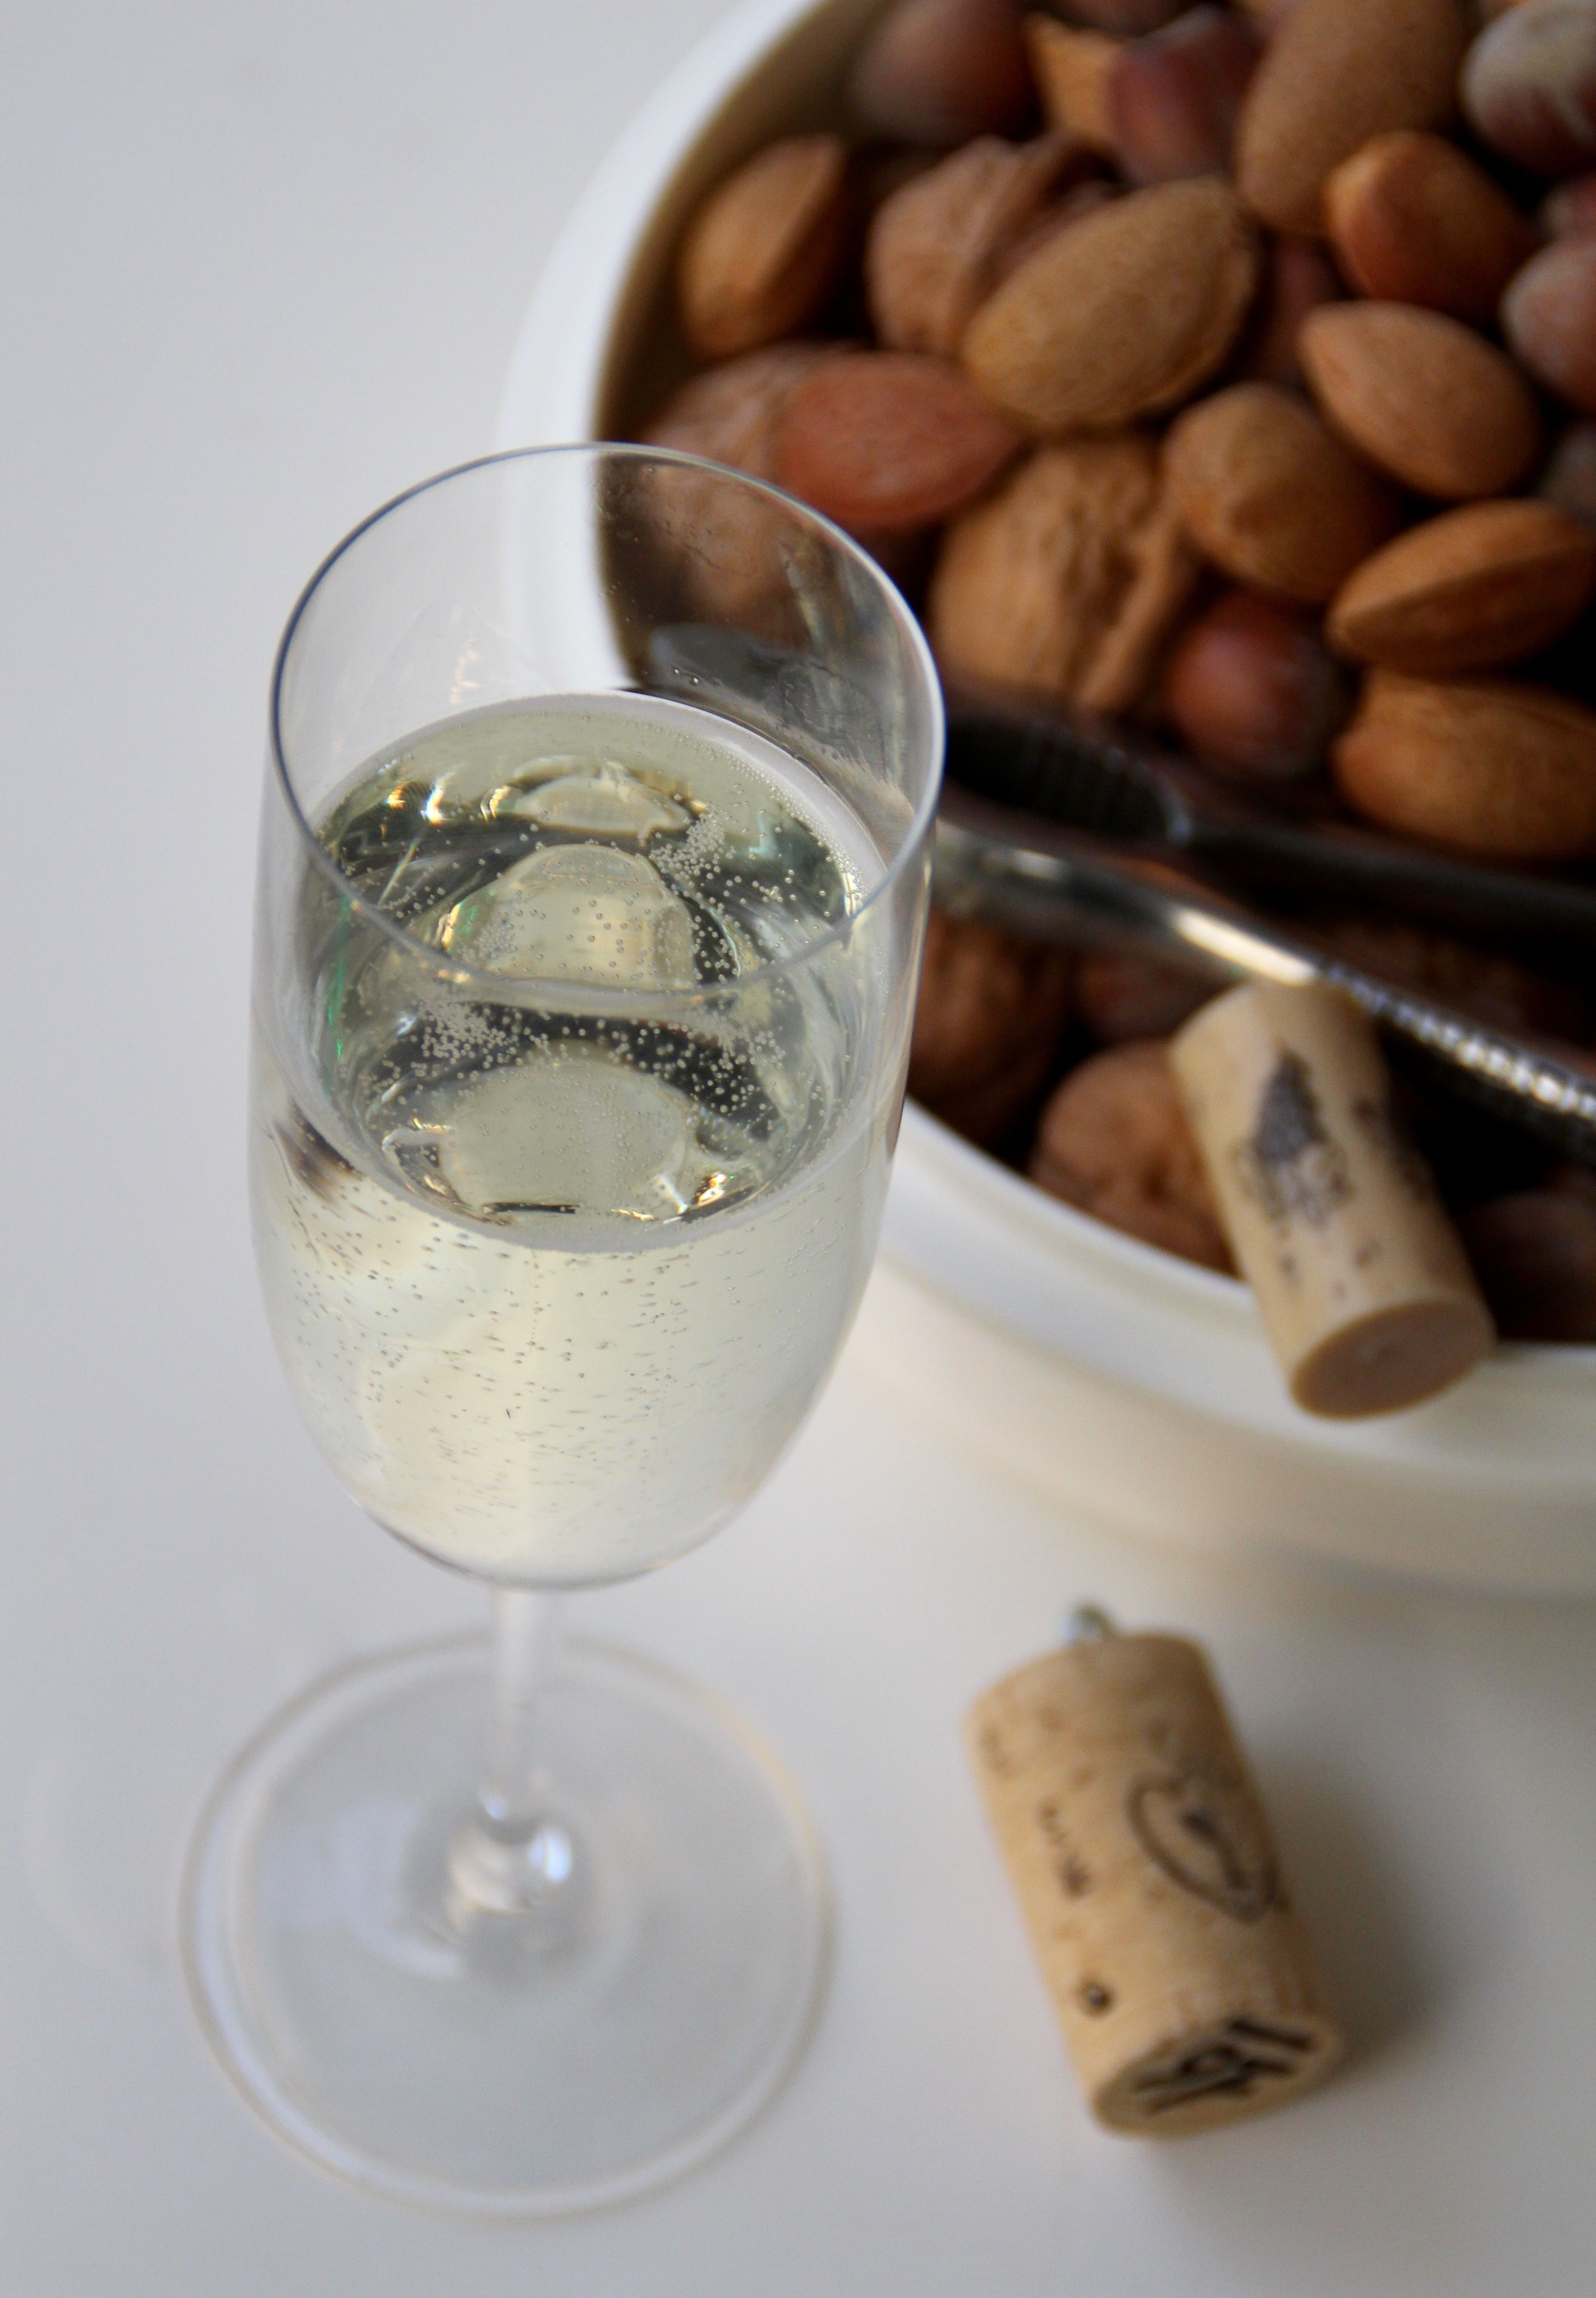 Stasera si beve il vino con le bollicine di produzione Italiana . .A mezzanotte il brindisi lo facciamo a casa .Tutto accompagnato con la frutta secca.Le lenticchie le mangio a cena , perché a mez...